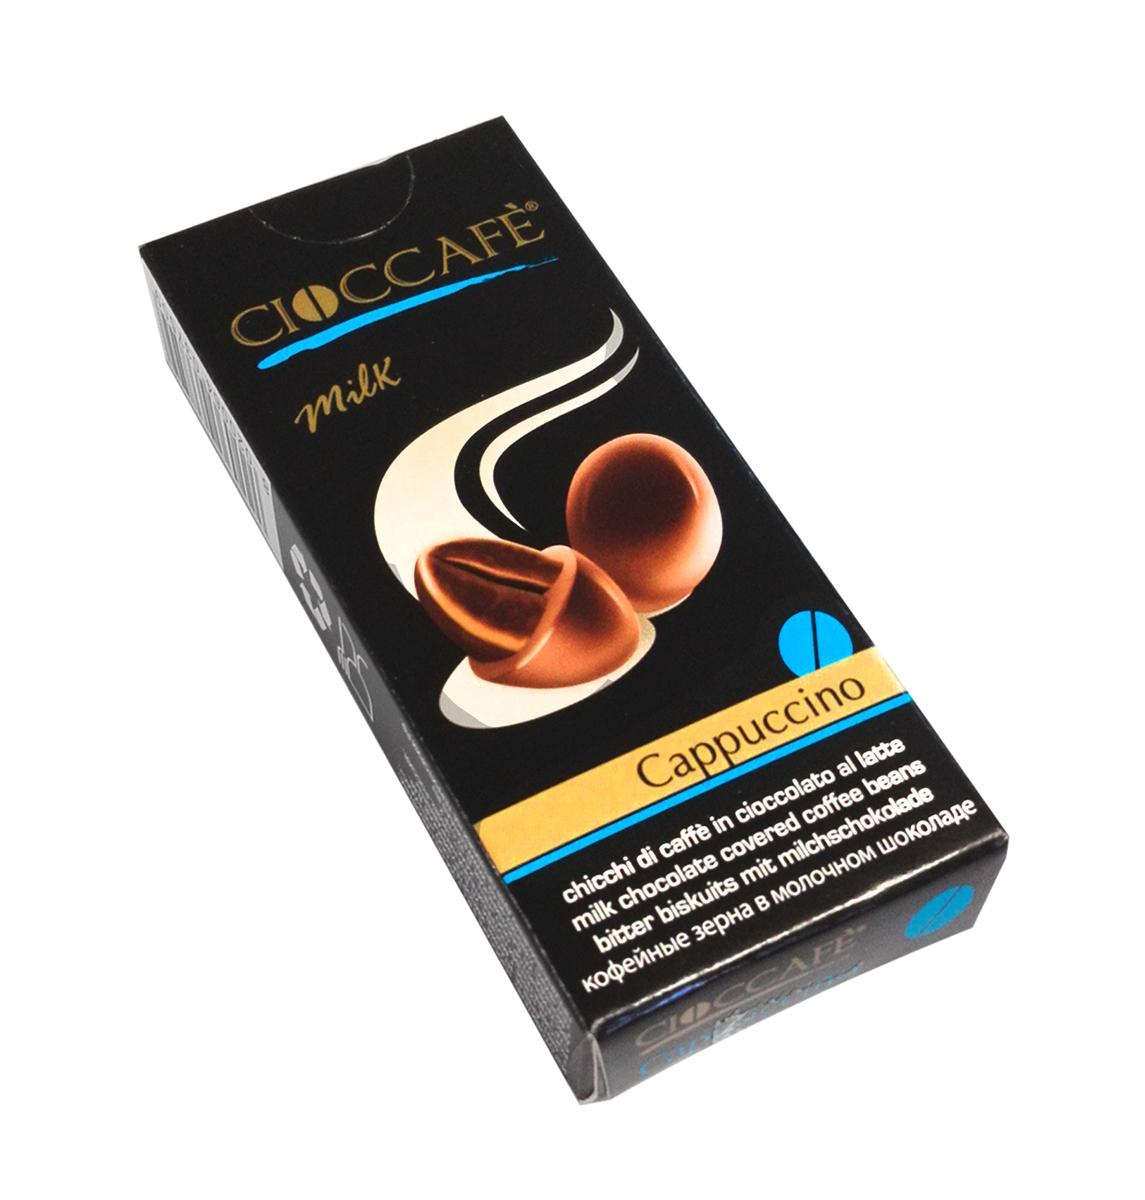 Cioccafe Капучино кофейные зерна в молочном шоколаде, 25 г chokocat кофейные зерна в темном шоколаде чокобум 25гр